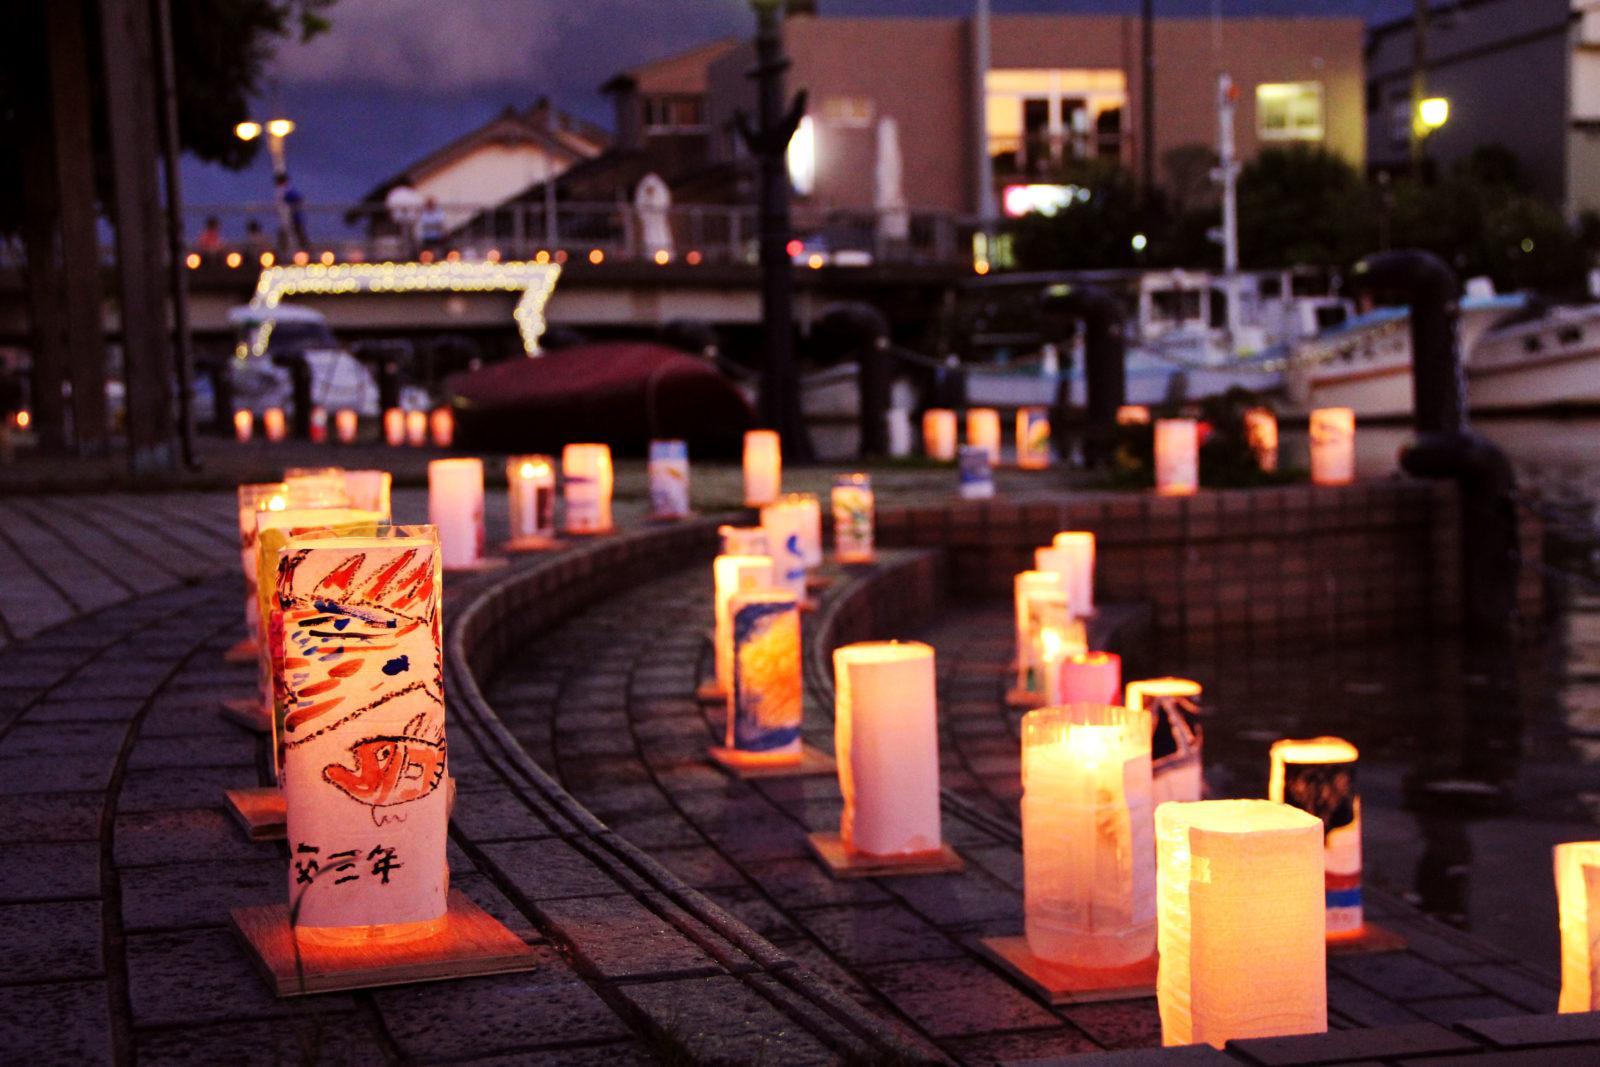 内川十楽の市 夏の夜の彩り